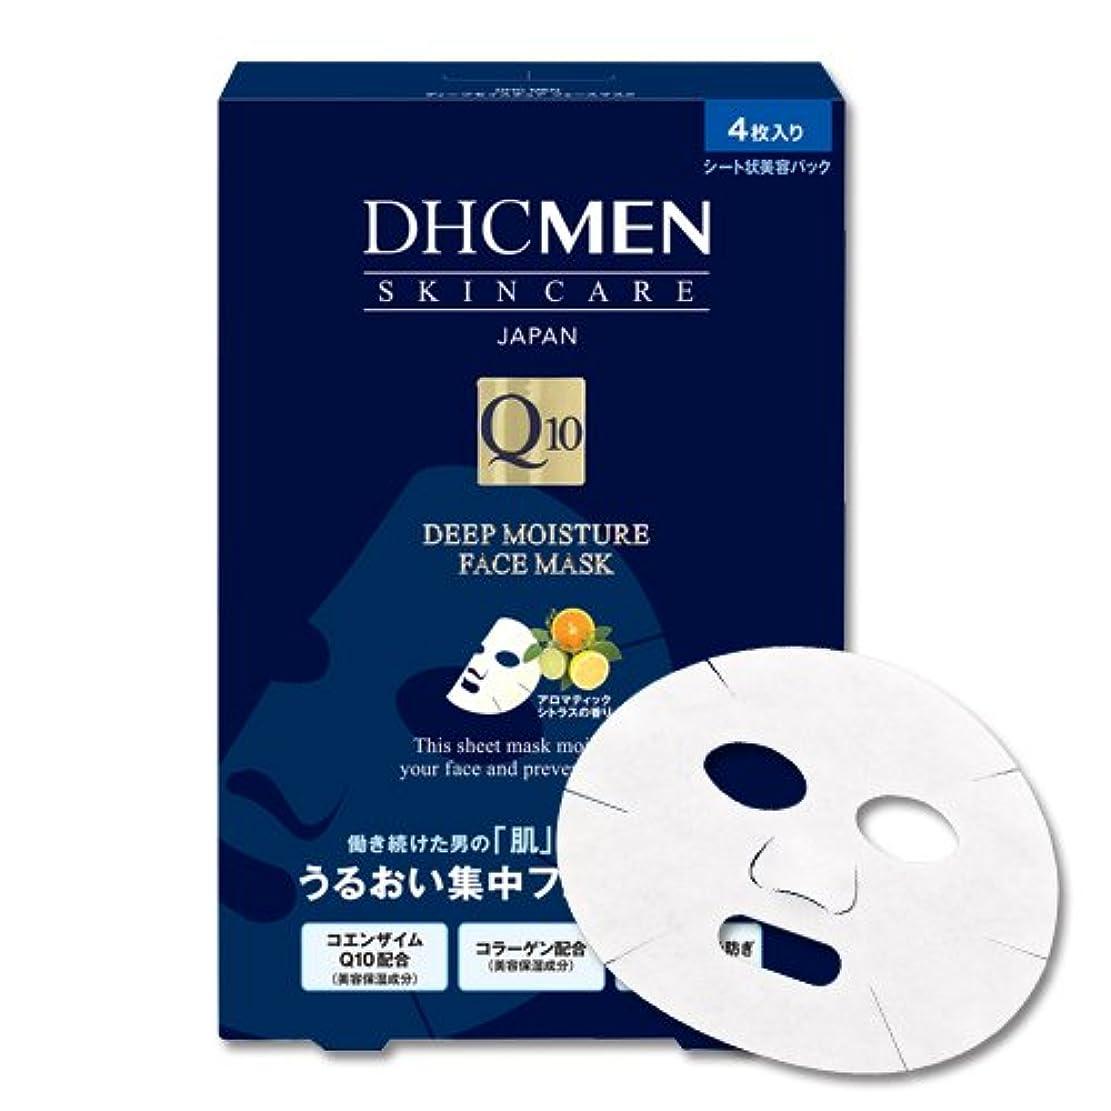 伝えるエクステント耳DHC MEN ディープモイスチュア フェースマスク